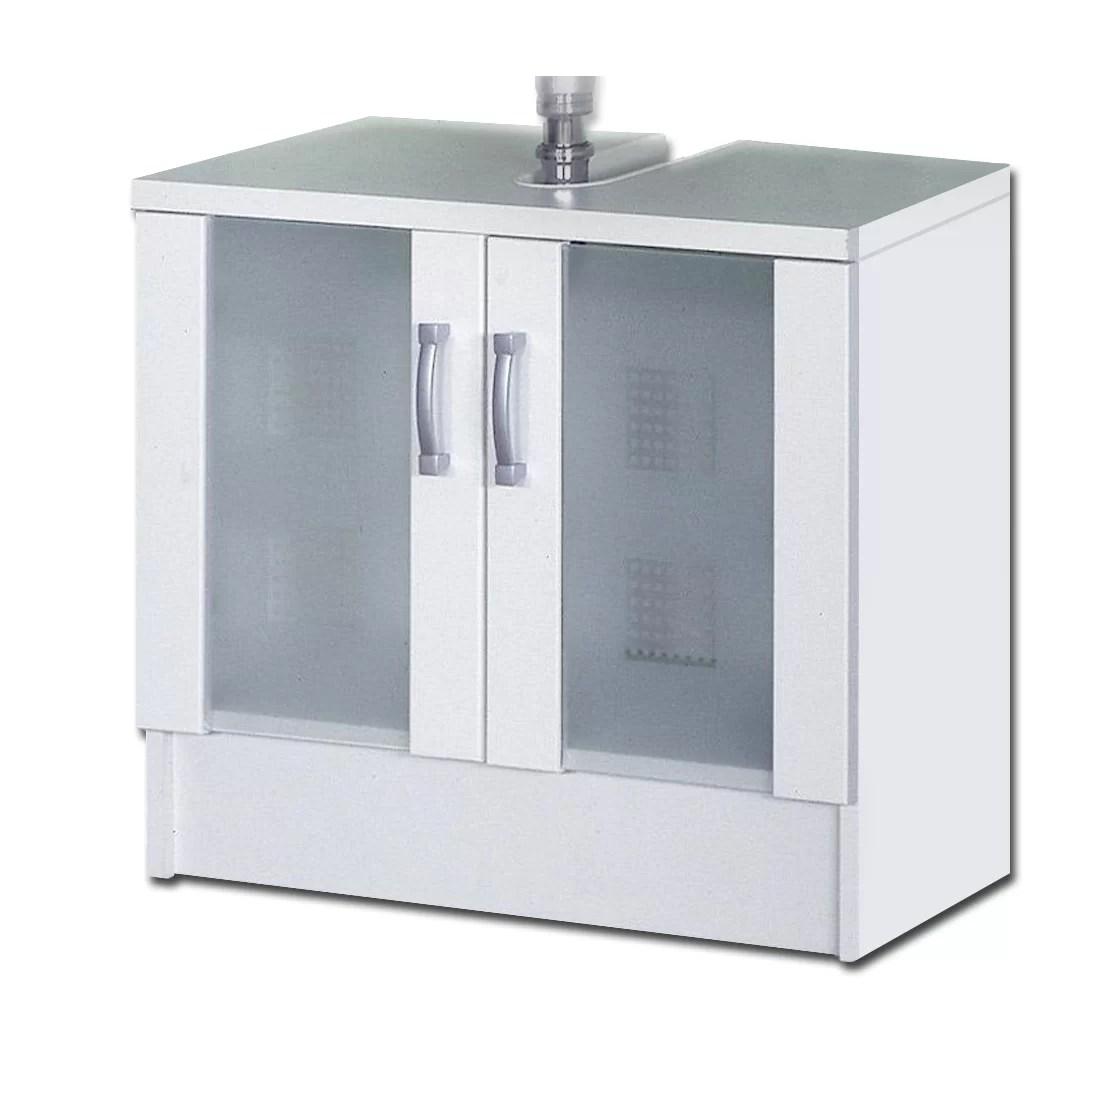 Belfry 60cm Under Sink Storage Unit Wayfair Uk